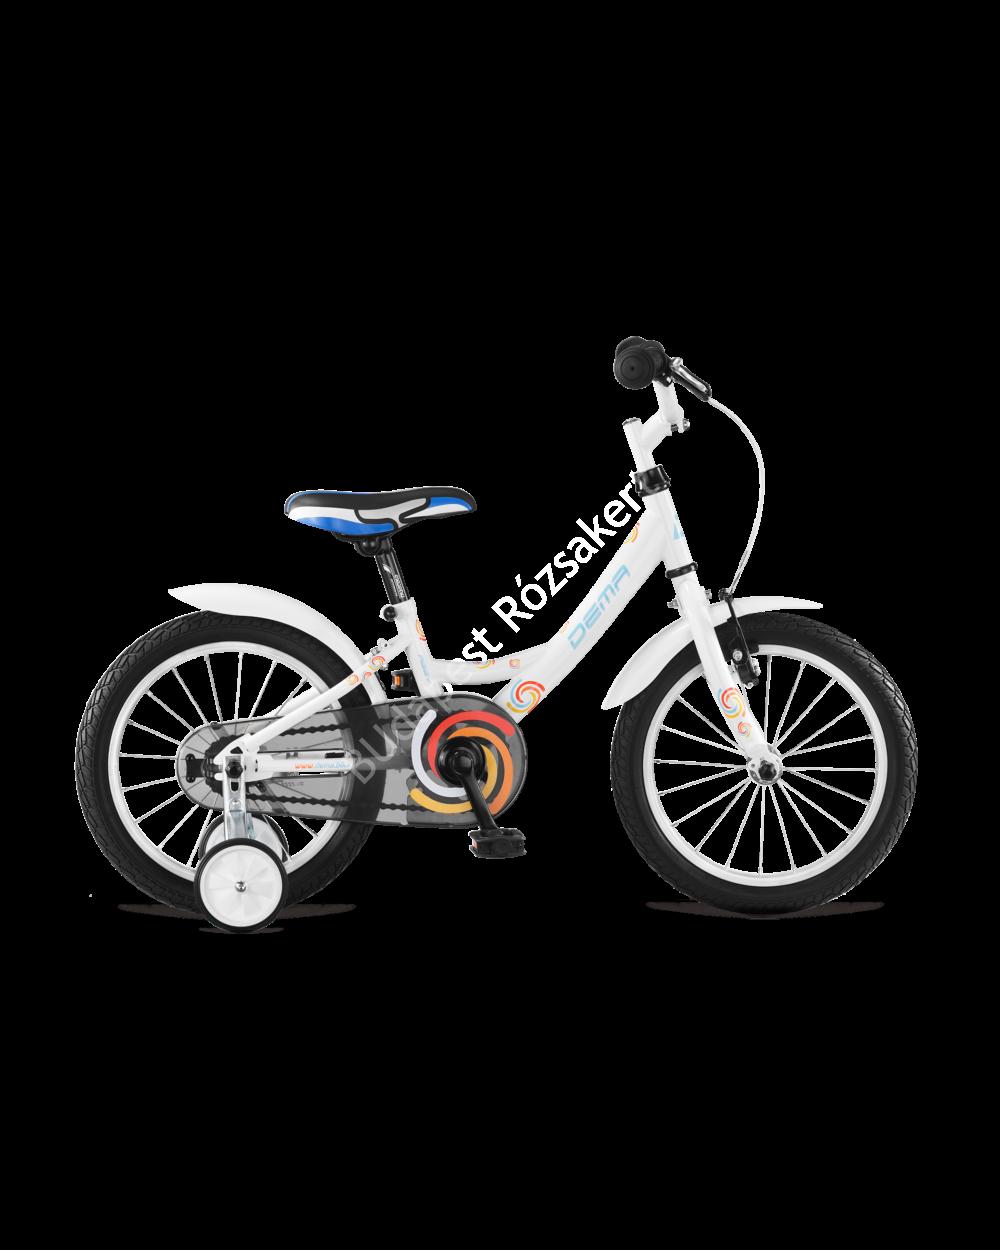 DEMA Aggy 16 gyermek kerékpár, fehér 95-115 cm testmagasság, 9,1 kg